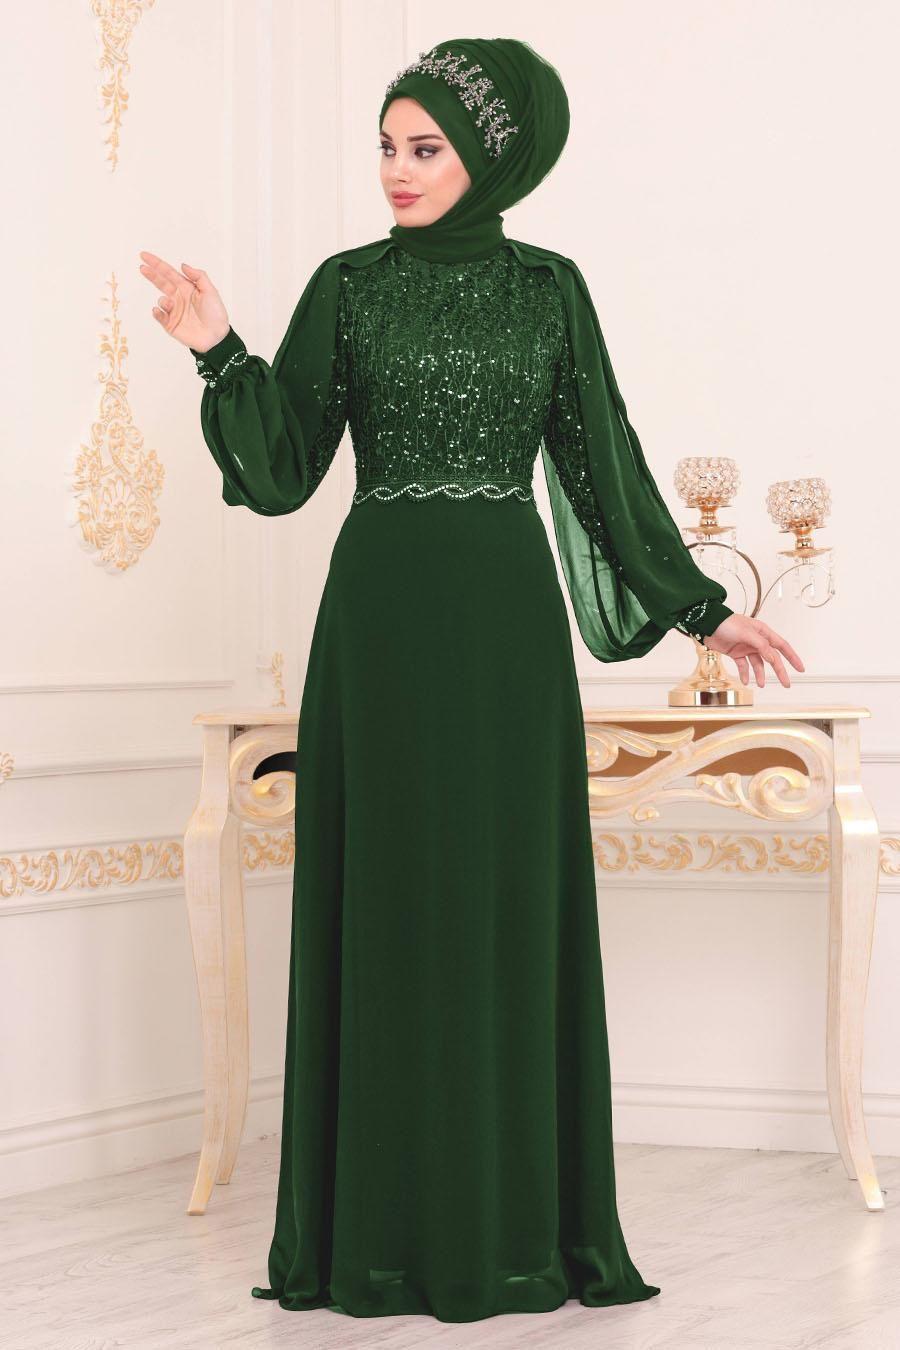 Nayla Collection Pul Detayli Yesil Tesettur Abiye Elbise 25736y Tesetturisland Com Elbiseler Aksamustu Giysileri Musluman Modasi